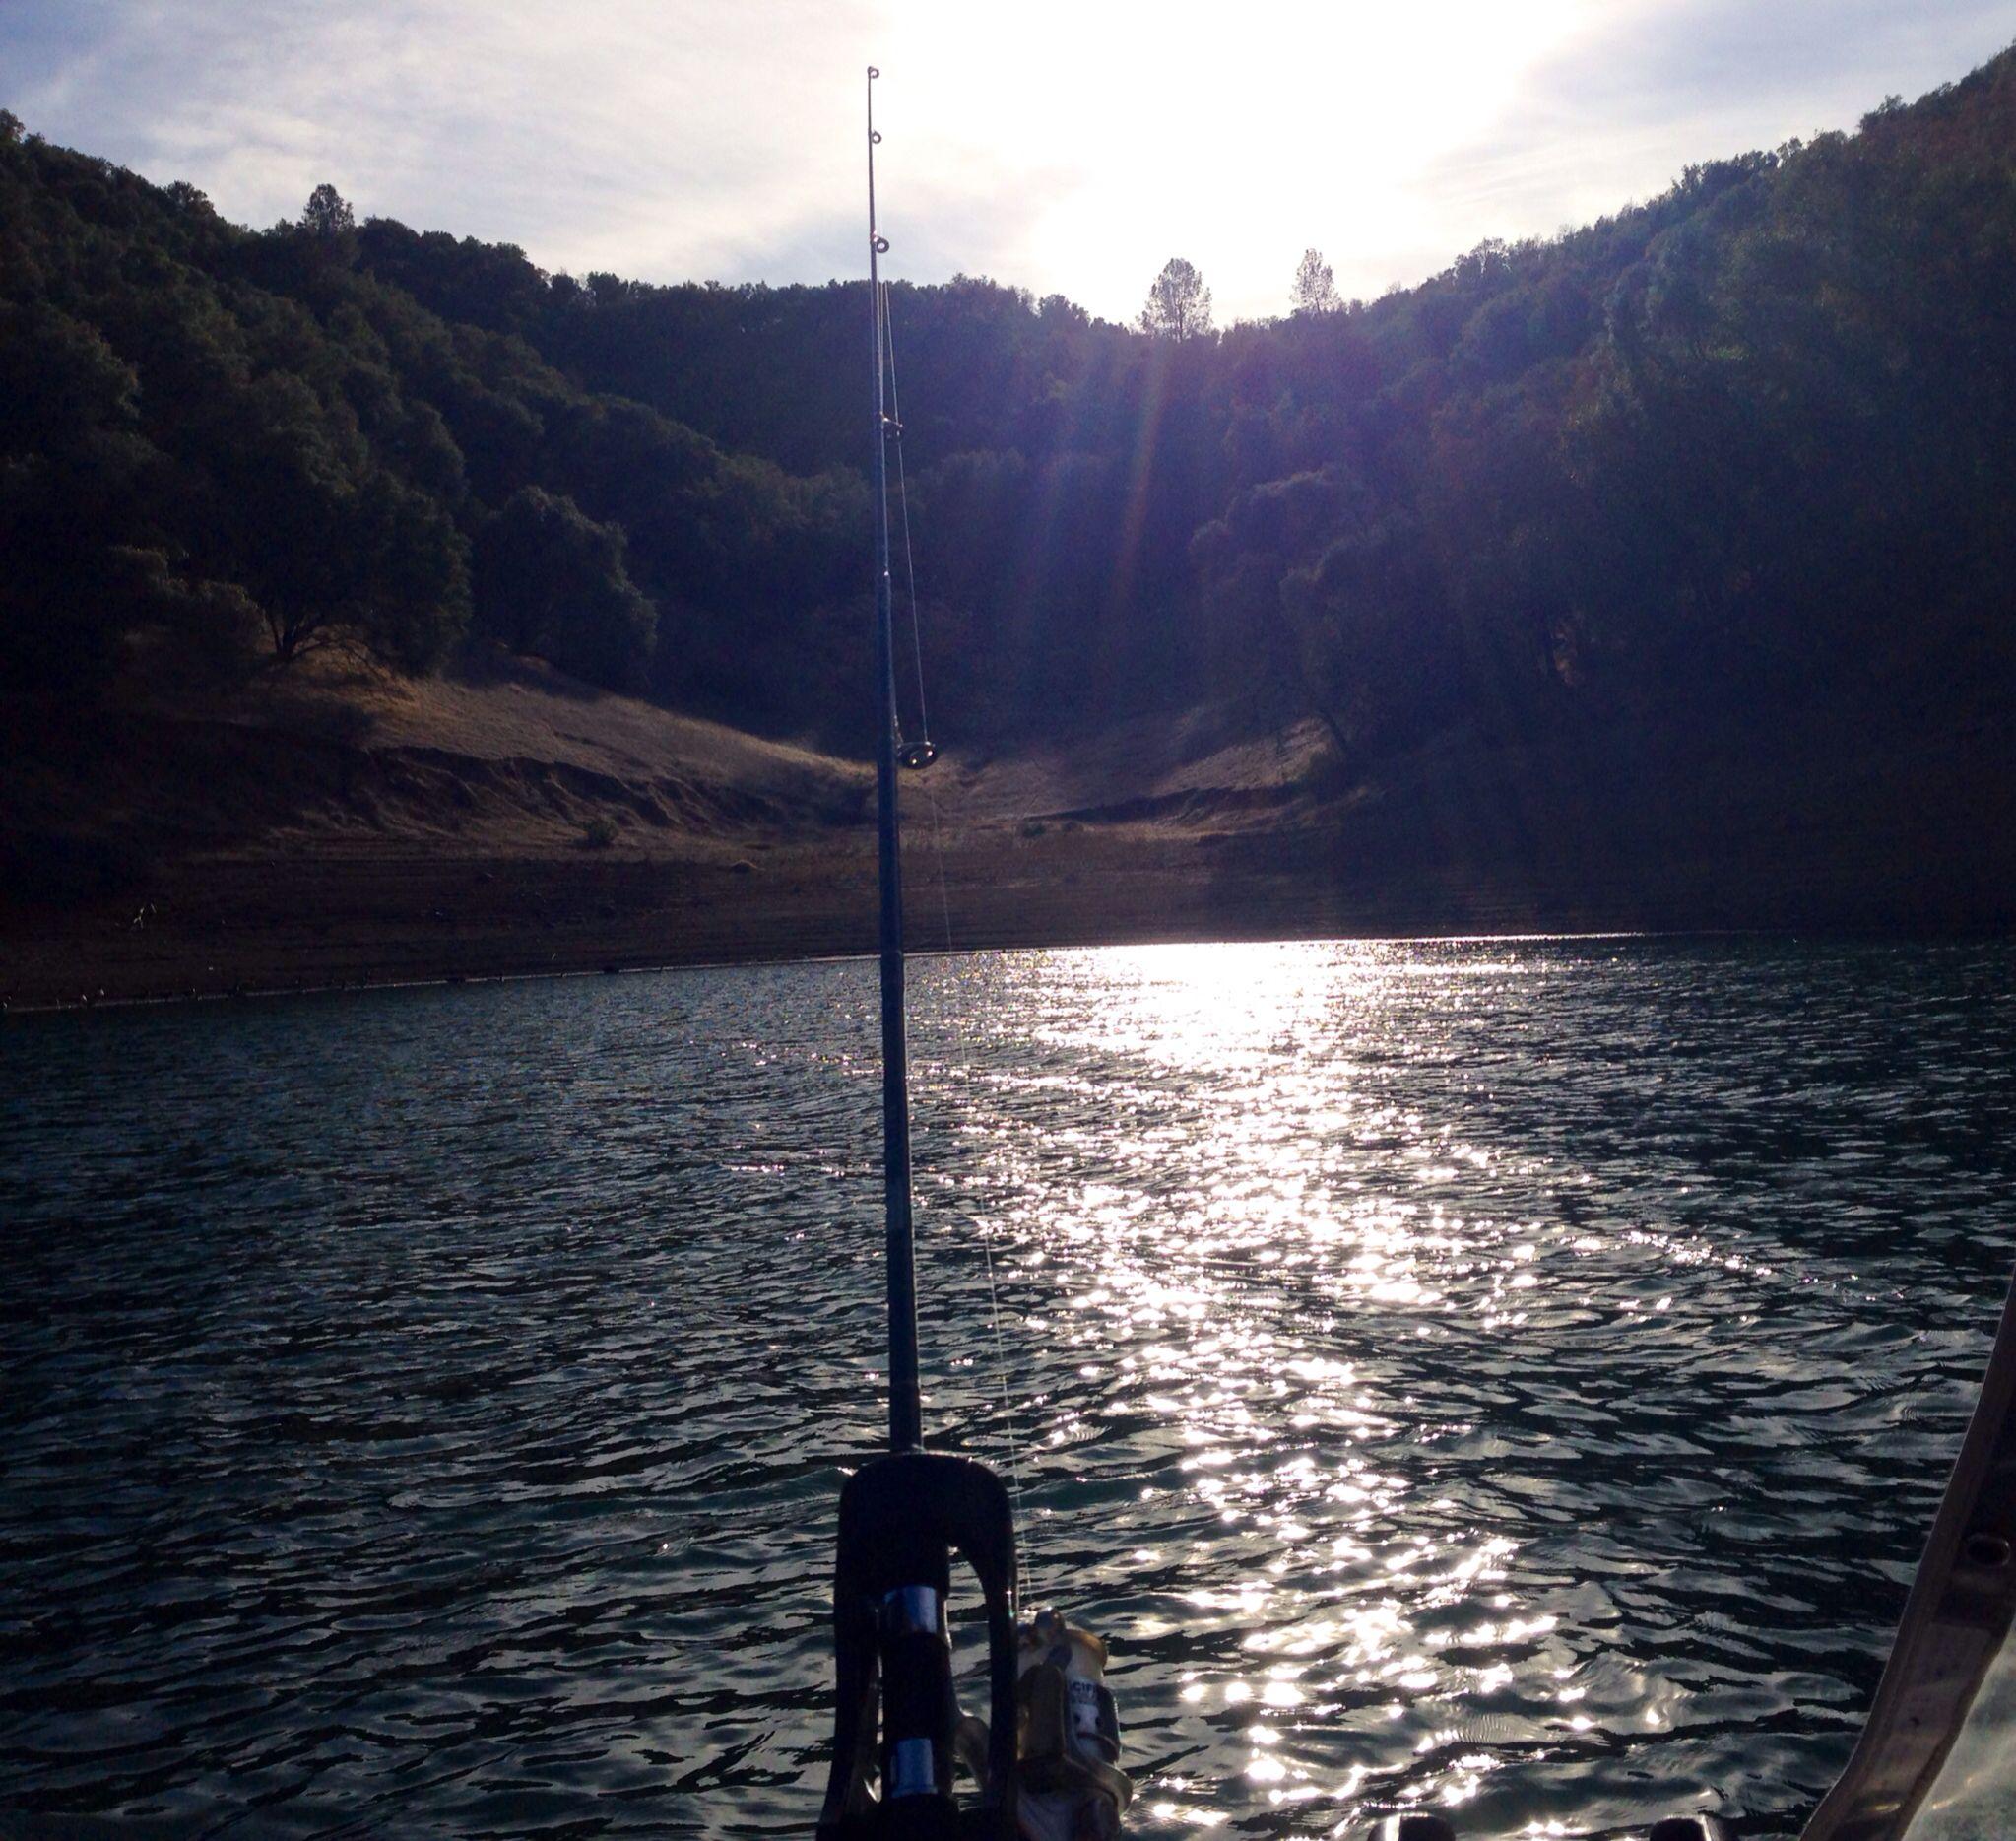 Lake berryessa winter bass fishing you can 39 t beat for Bass lake ca fishing